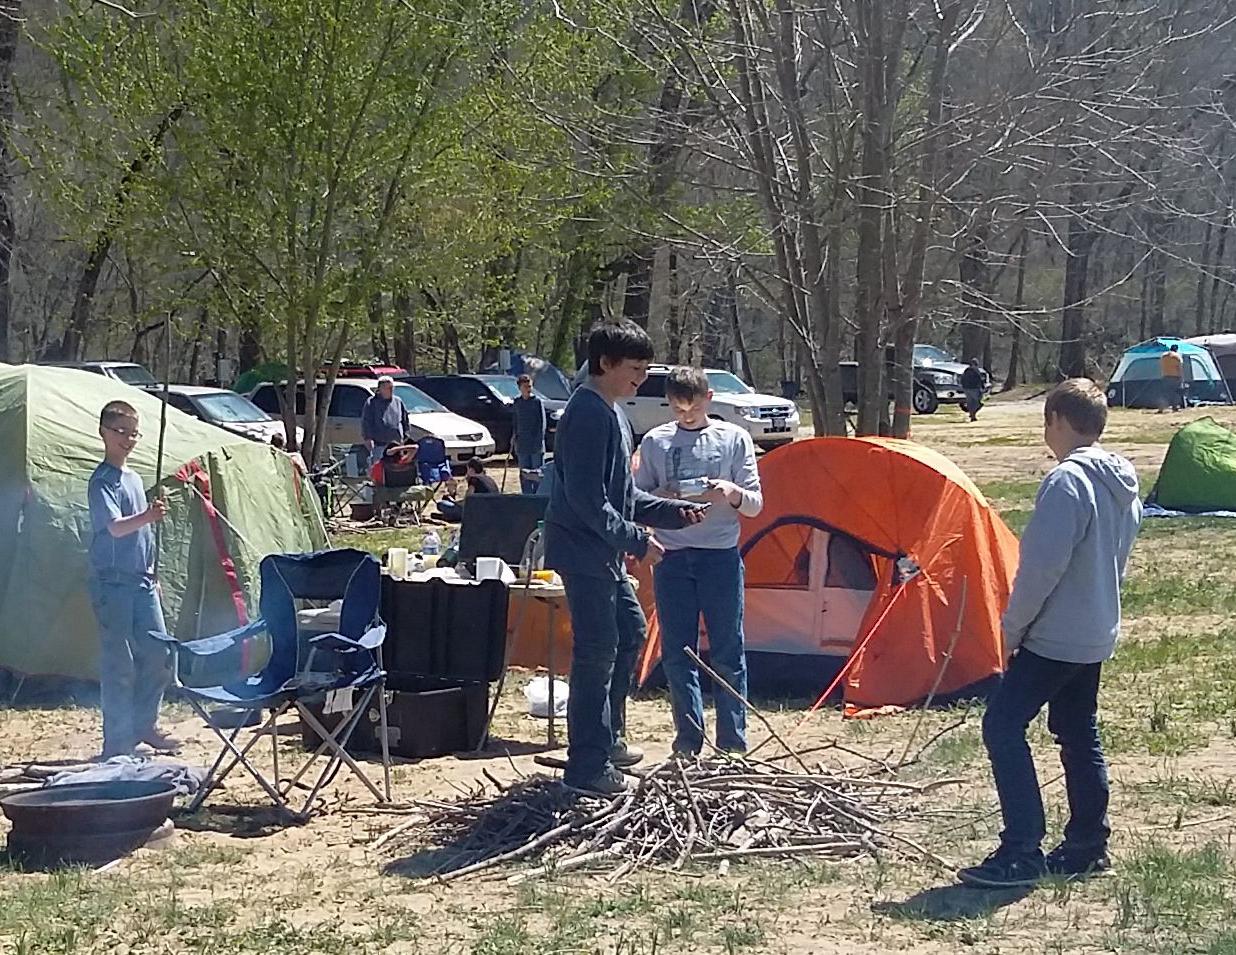 full hookup campingar i Missouri Varför gick du med dejtingsajt